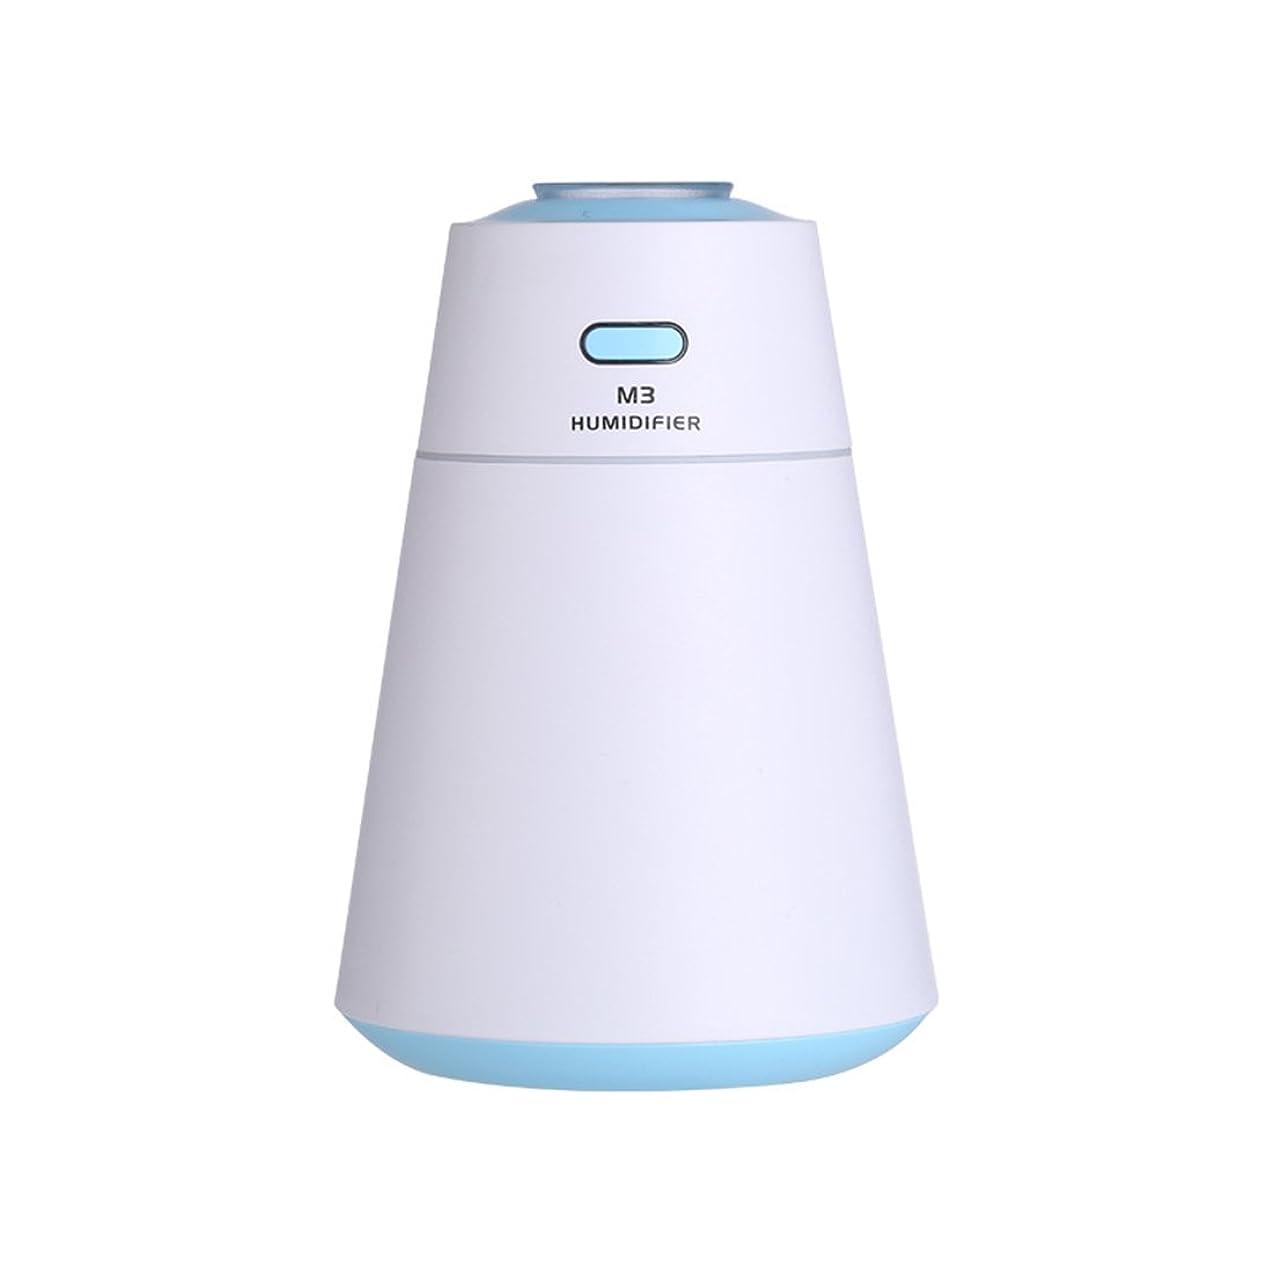 請求可能ローン童謡Nekovan 加湿器ミニポータブルホームサイレントデスクトップタイミング電源オフアンチドライ小型USB加湿器 (色 : 青)